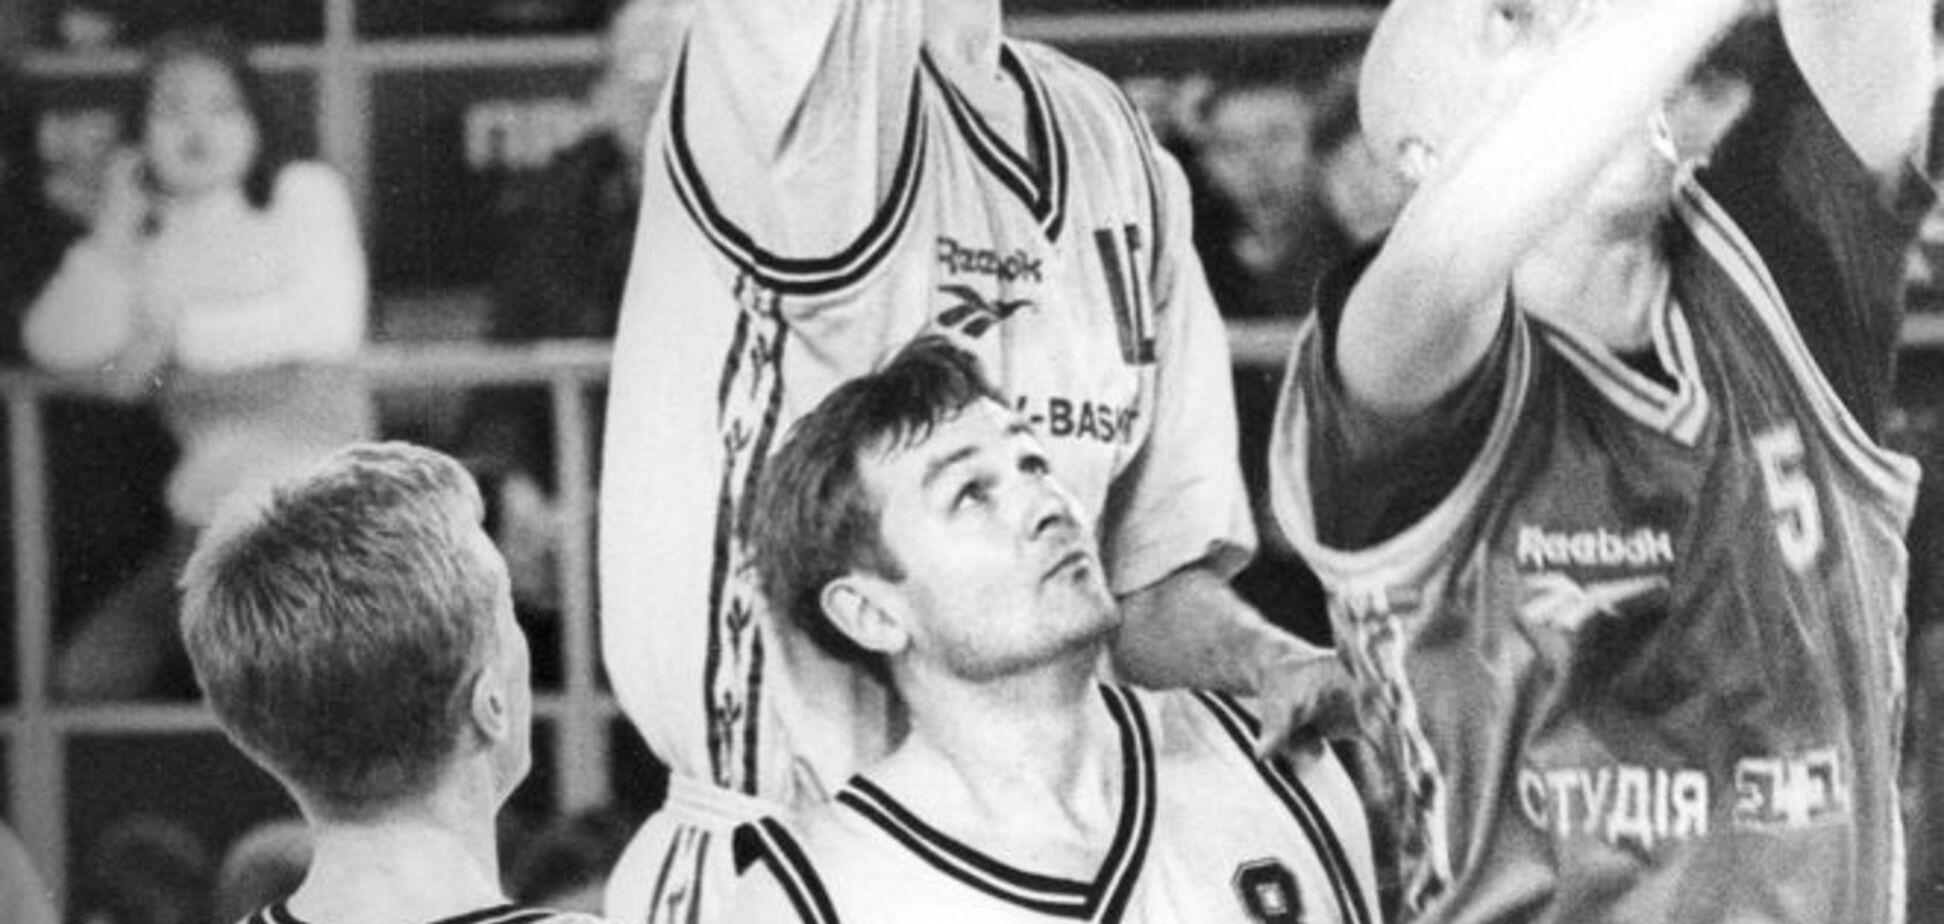 Київ-Баскет: історія становлення з точкою відліку у 90-х